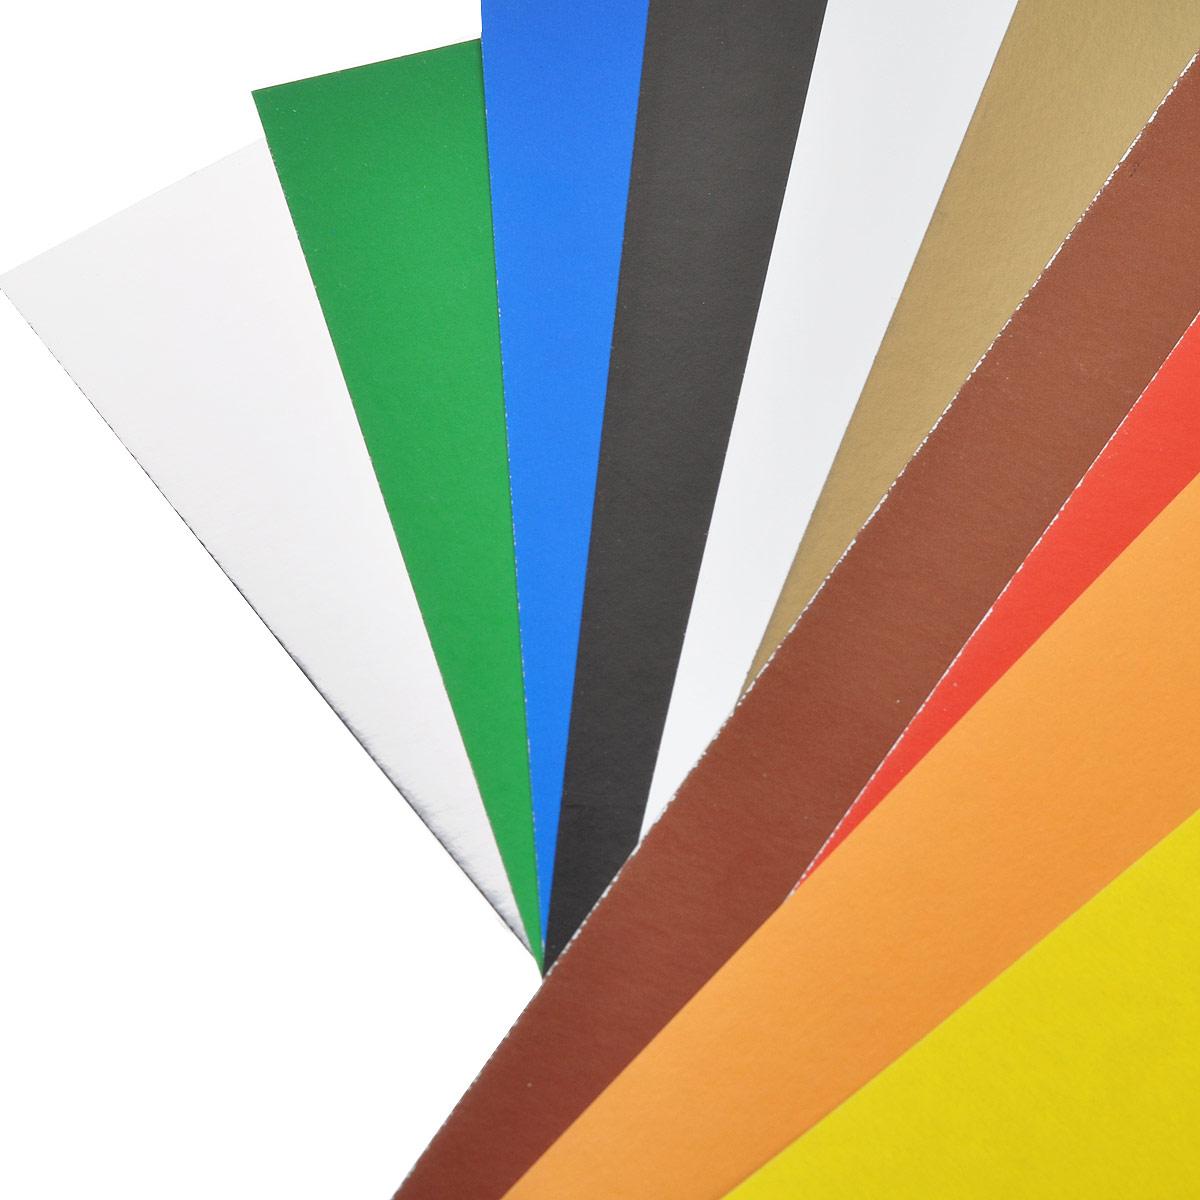 Набор цветного мелов. картона ACTION! ANIMAL PLANET, ф. А4, 10 листов,10 цветов(8цв.+золото и серебро), 2 шт. в упаковке, 2 дизайна, (ACTION!)